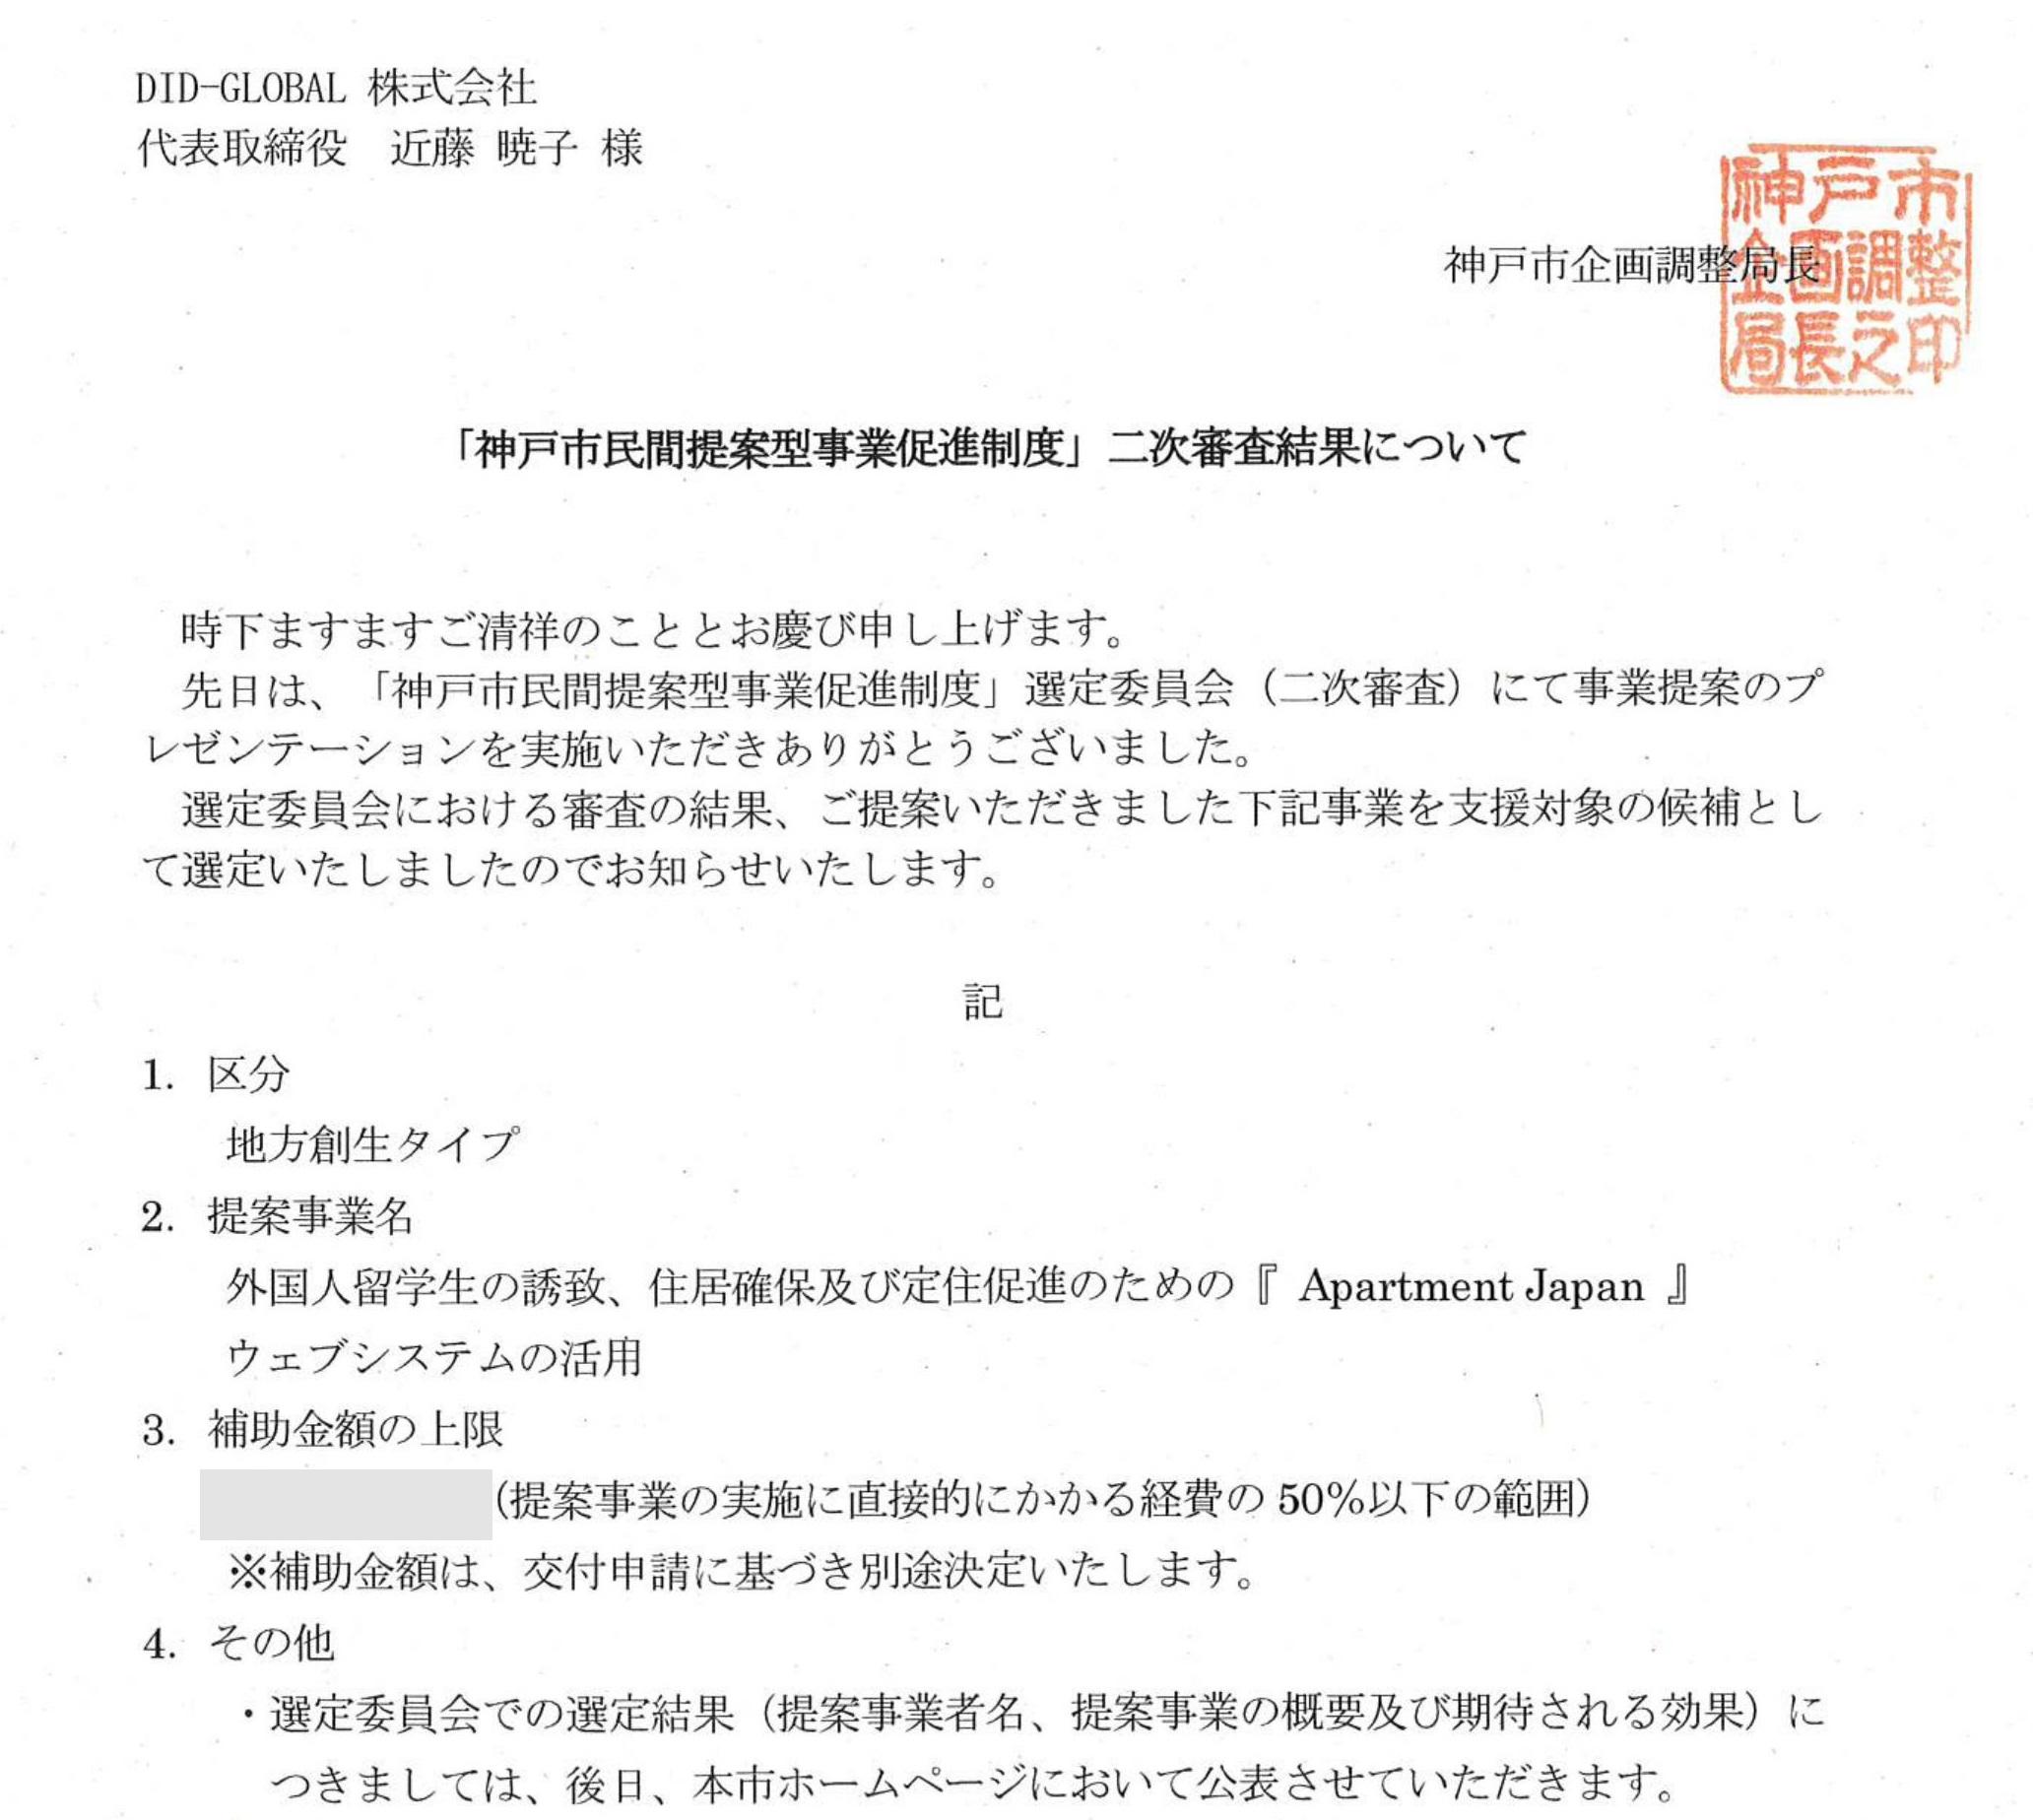 神戸市民間提案型事業促進制度 Apartment Japan